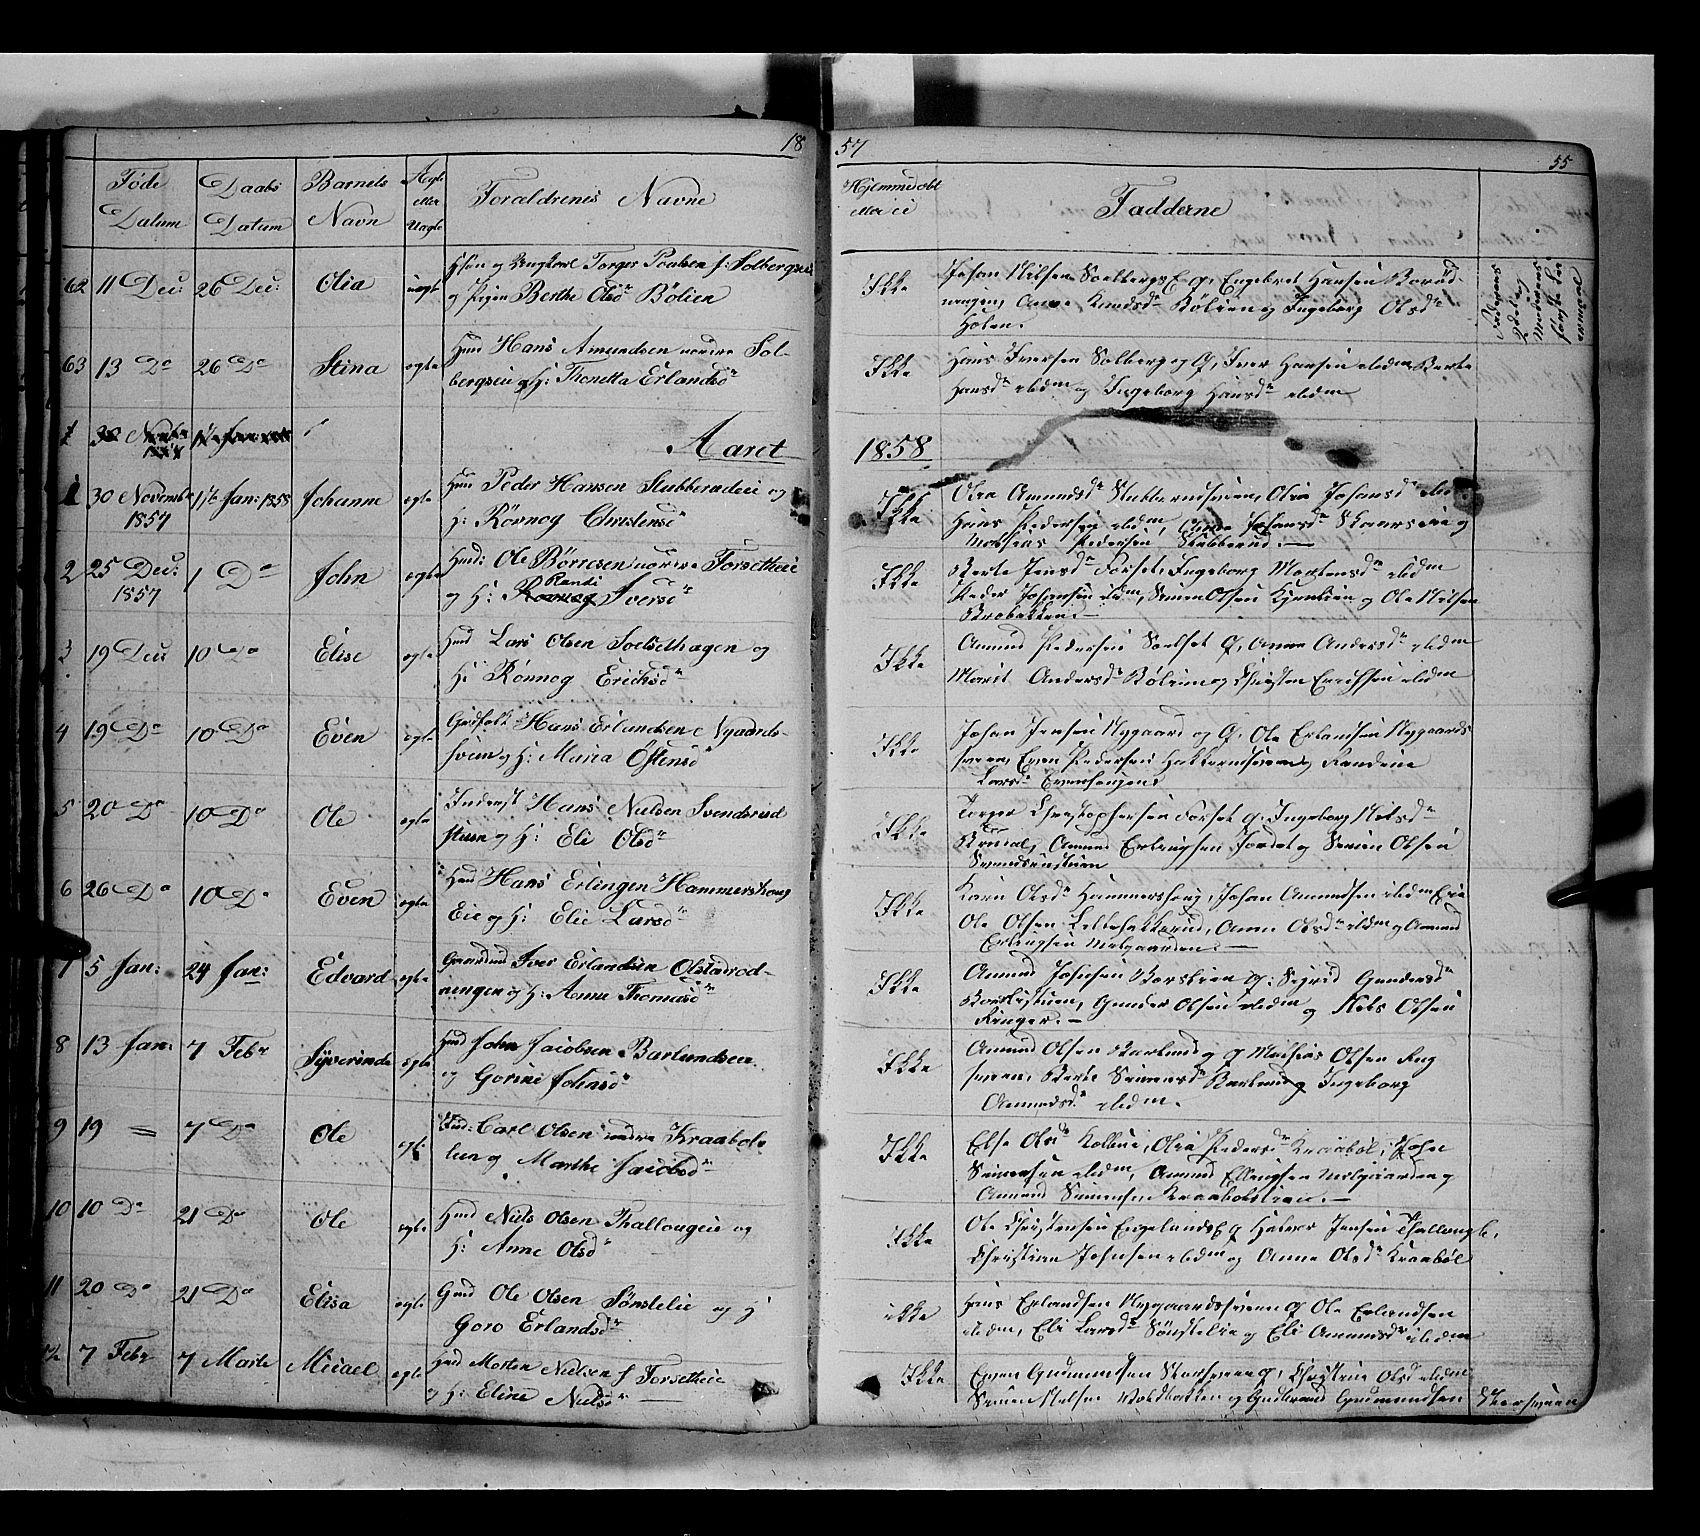 SAH, Gausdal prestekontor, Klokkerbok nr. 5, 1846-1867, s. 55